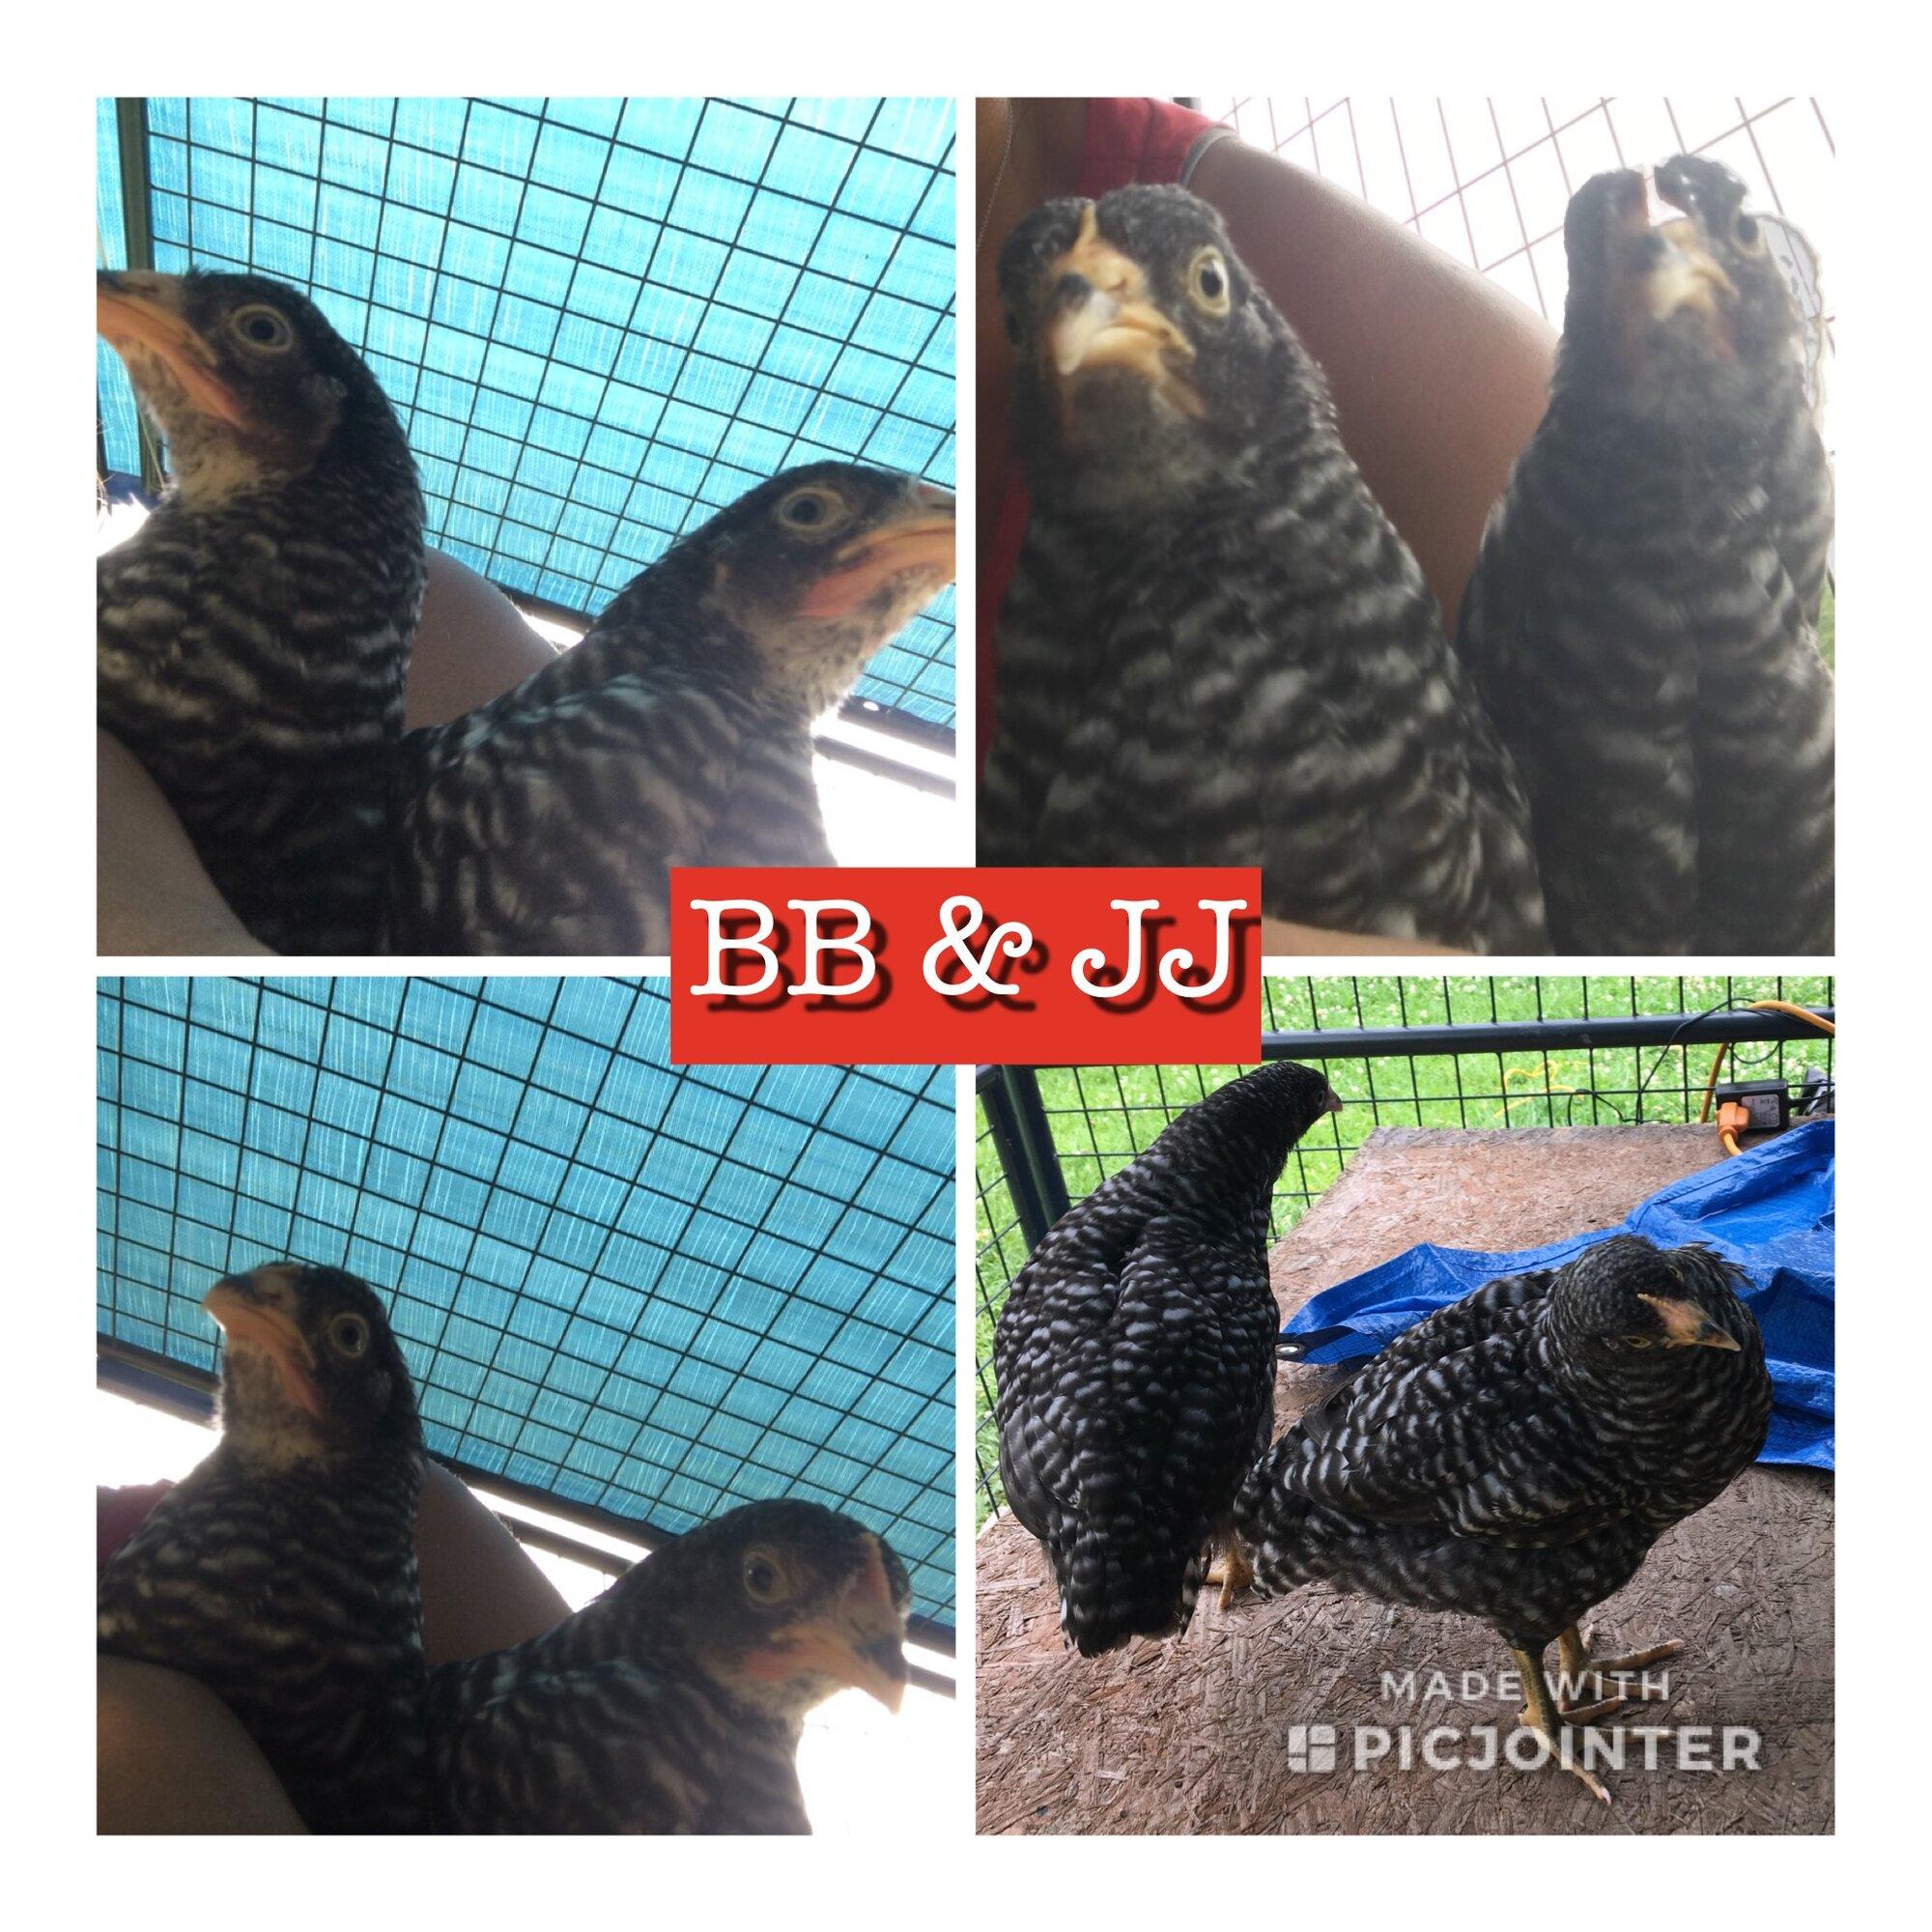 3628CCEA-3D5B-4AF8-B746-62165F539476.jpeg